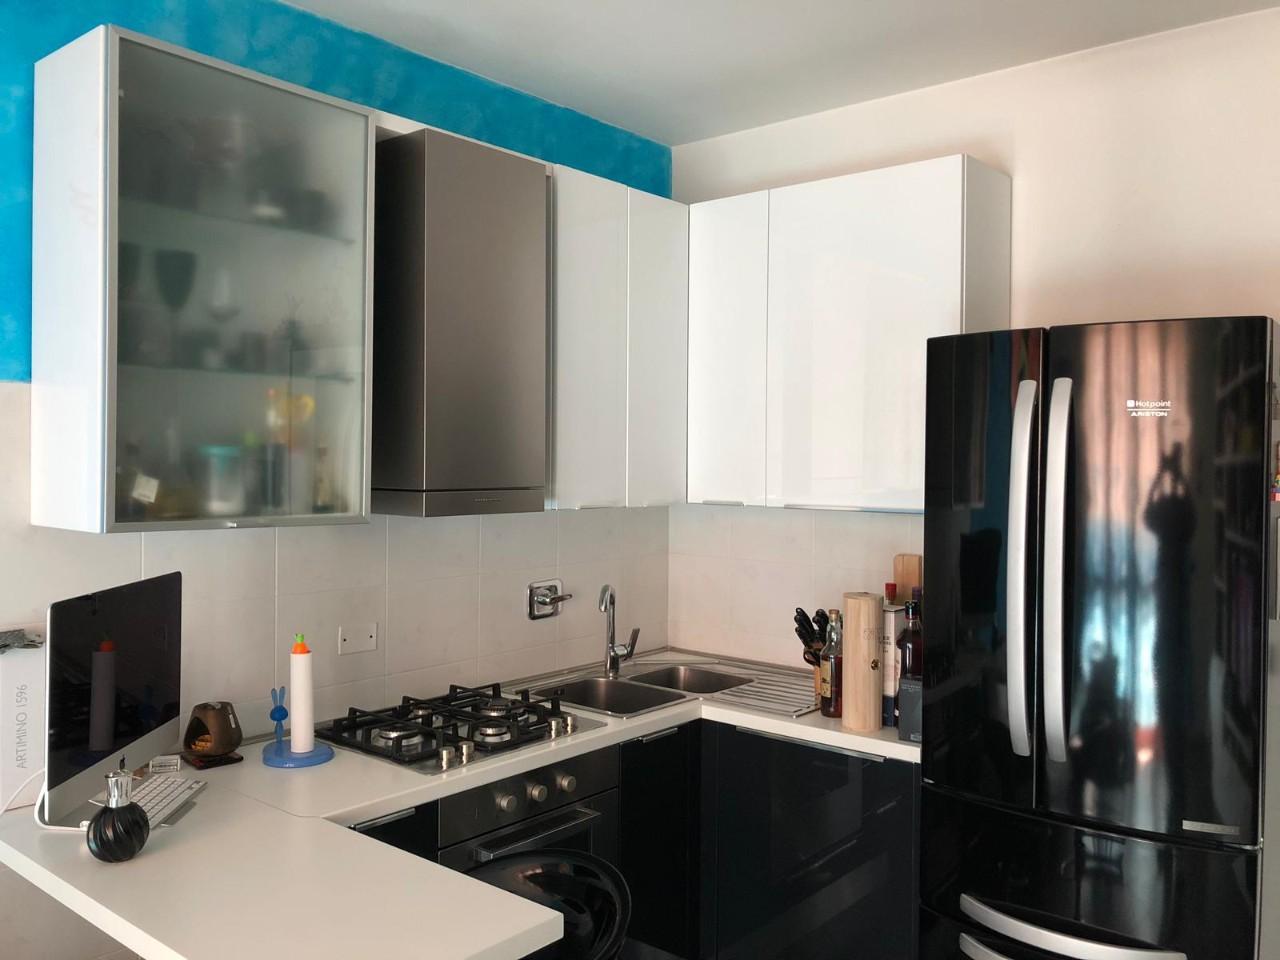 Appartamento in vendita Reggio Emilia Zona Acque Chiare